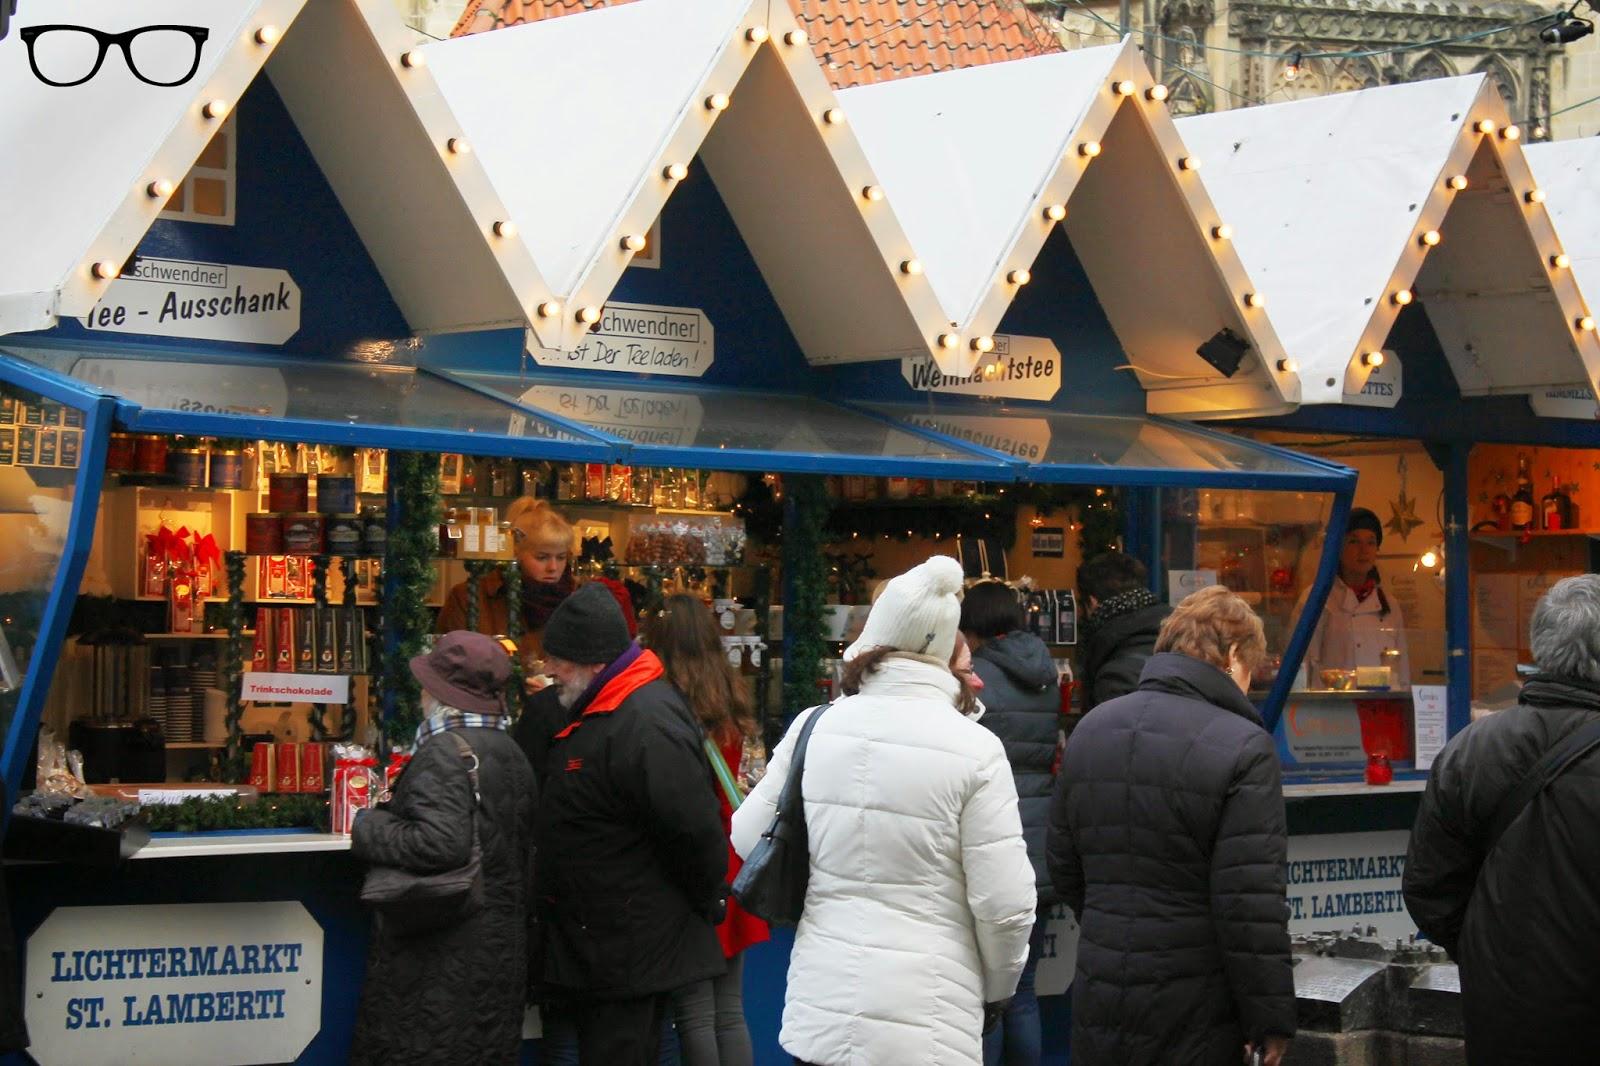 Mercado Lamberti